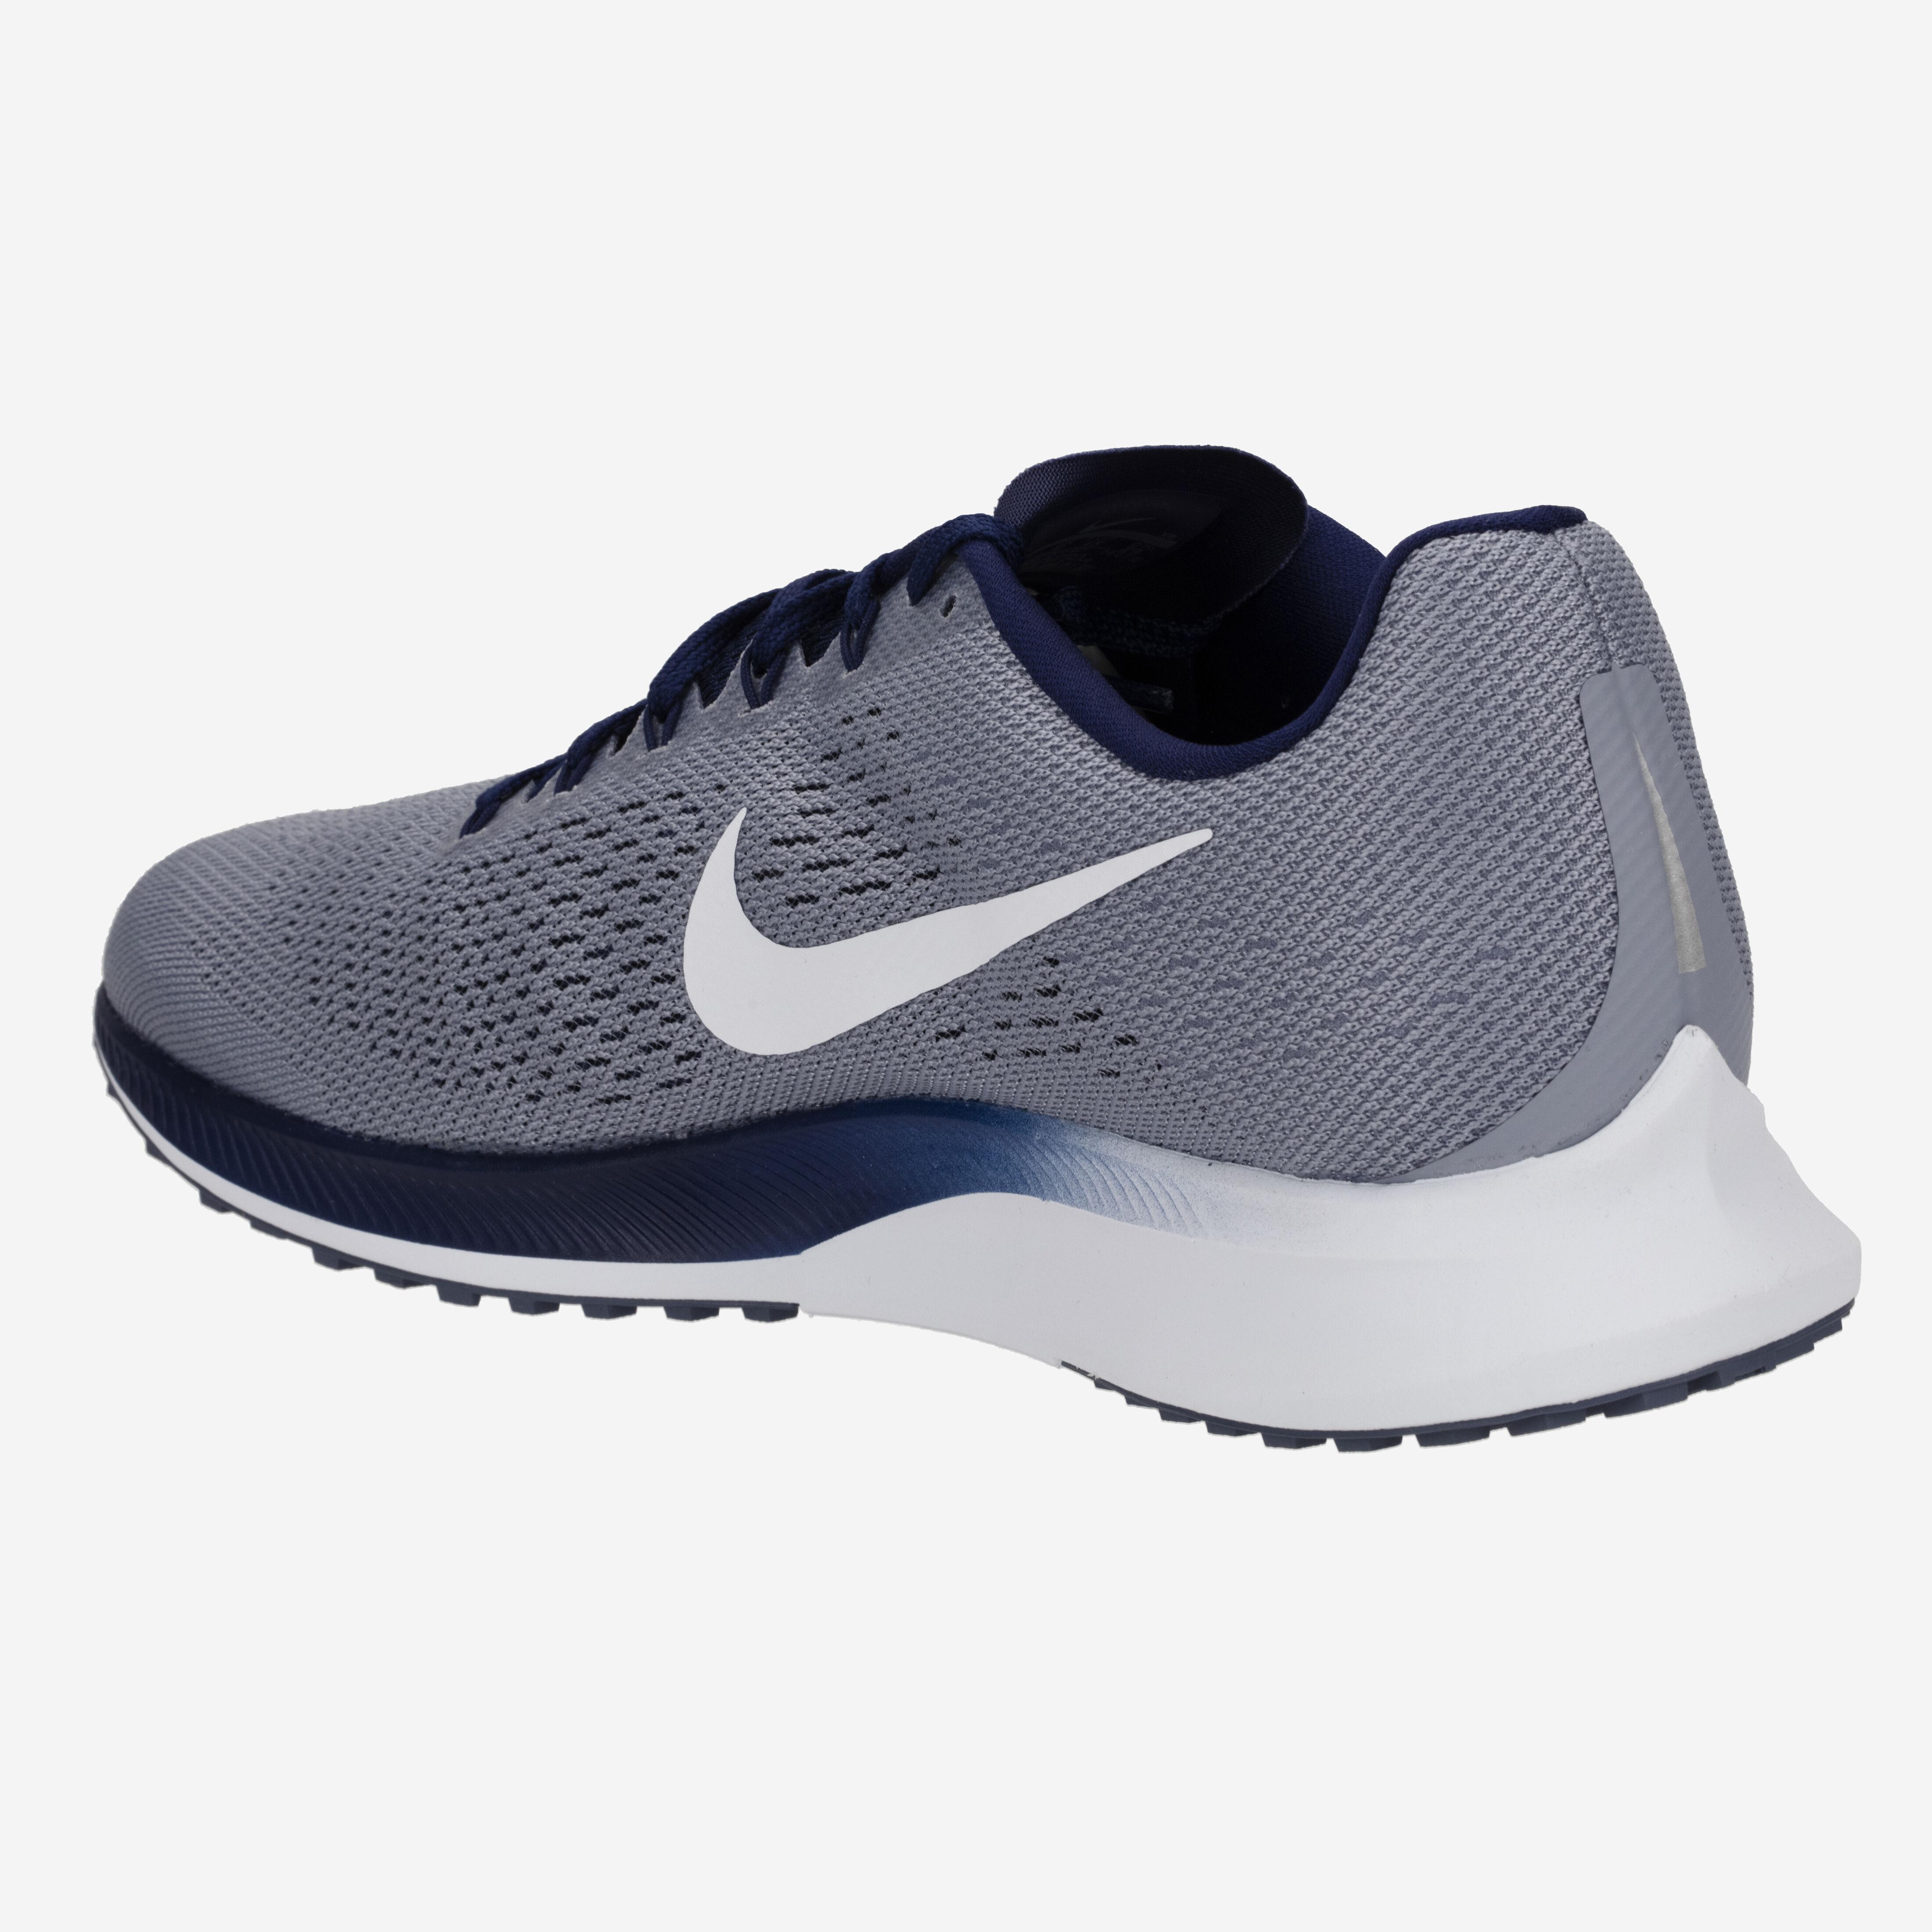 best website b2392 7aa94 Nike Air Zoom Elite 10 shoes 2019